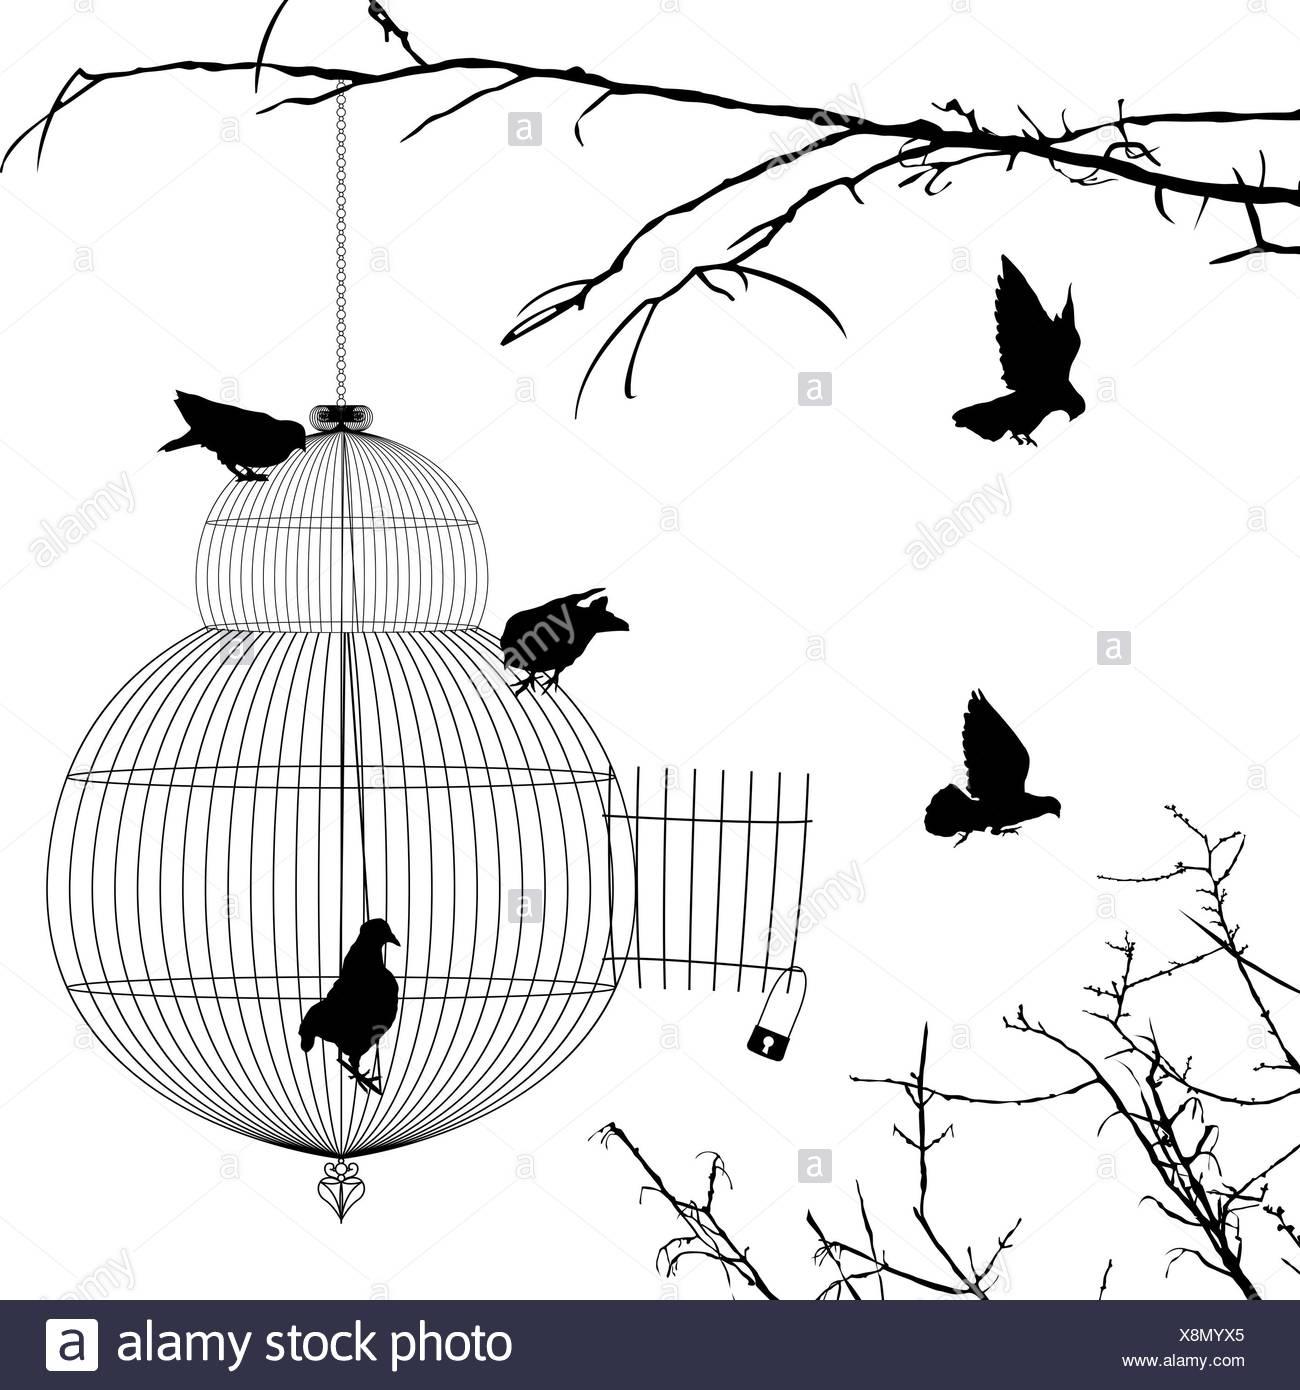 Cage Ouverte Et Silhouettes D'oiseaux Banque D'images, Photo tout Dessin De Cage D Oiseau